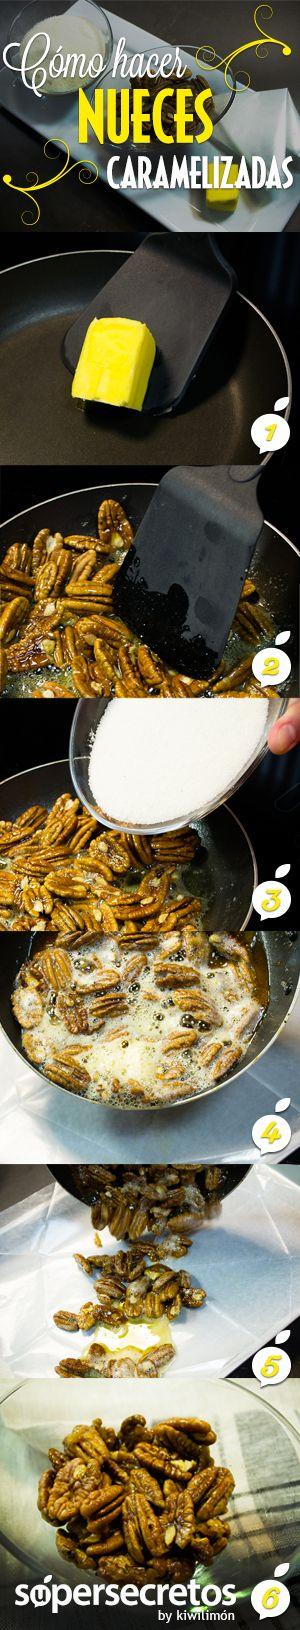 ¿Cómo caramelizar nueces?